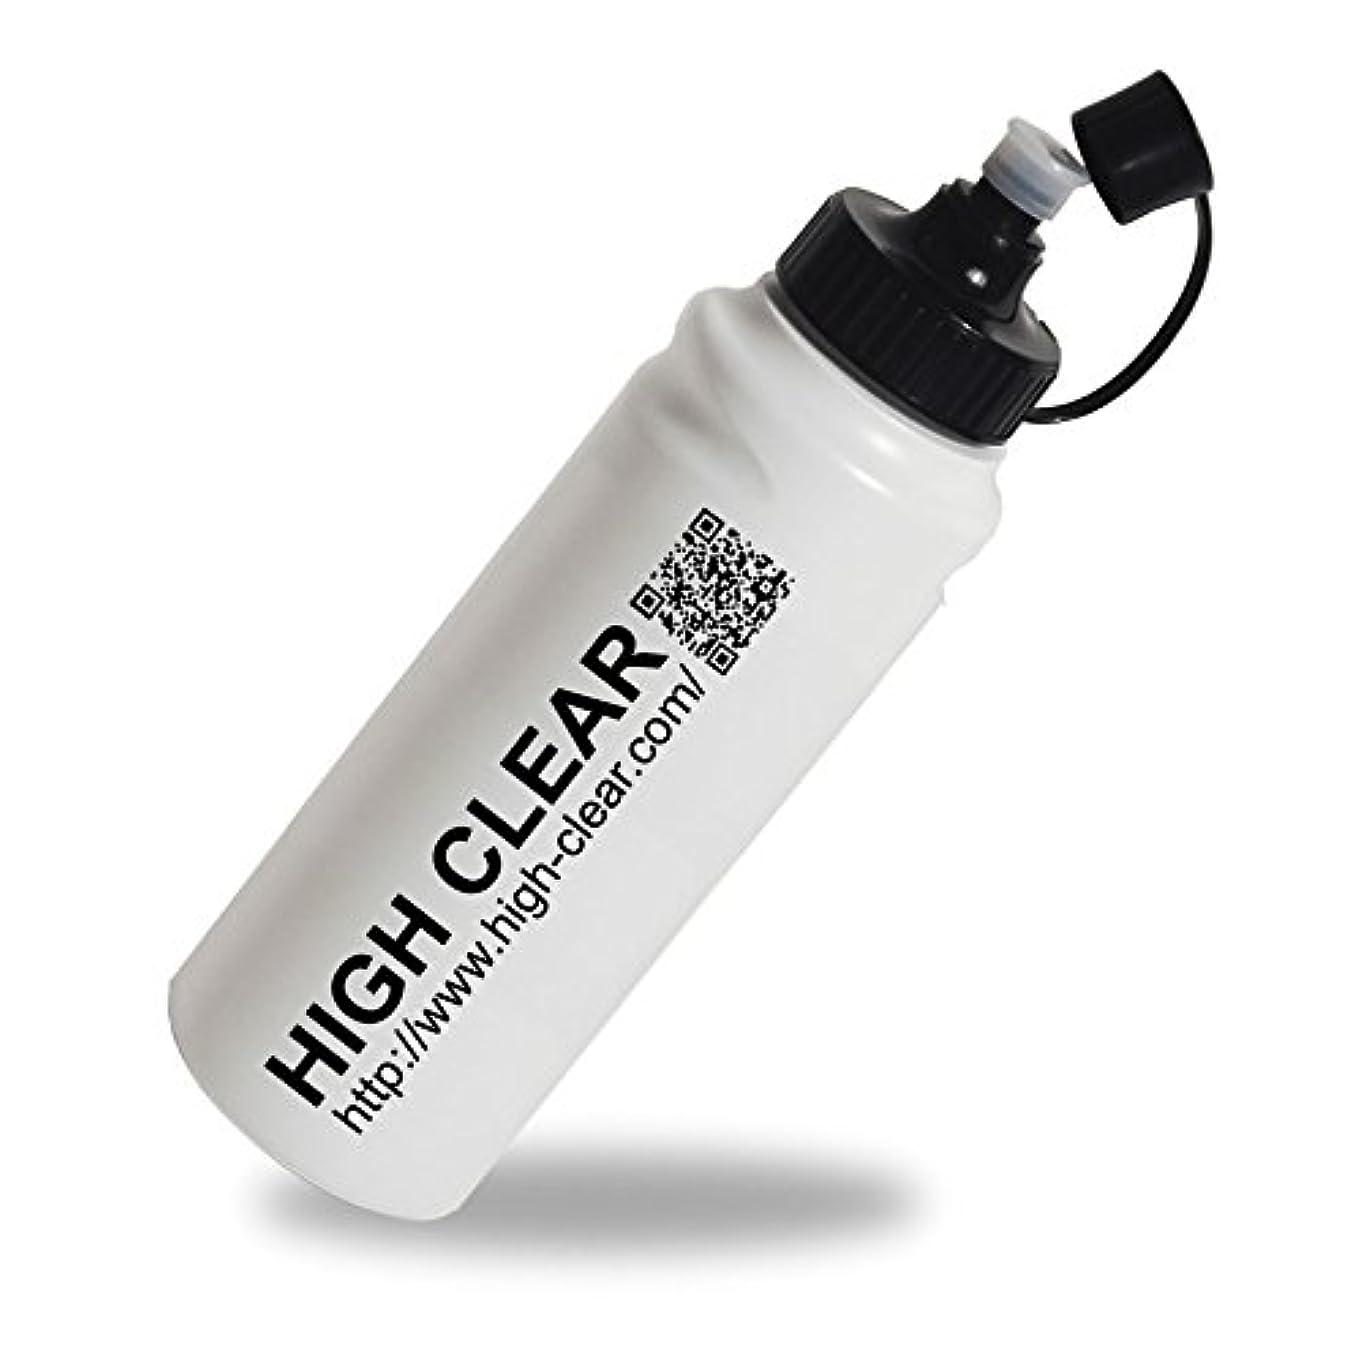 ヘルパー単語ハイブリッドHIGH CLEAR(ハイクリアー)ウォーターボトル1000ml